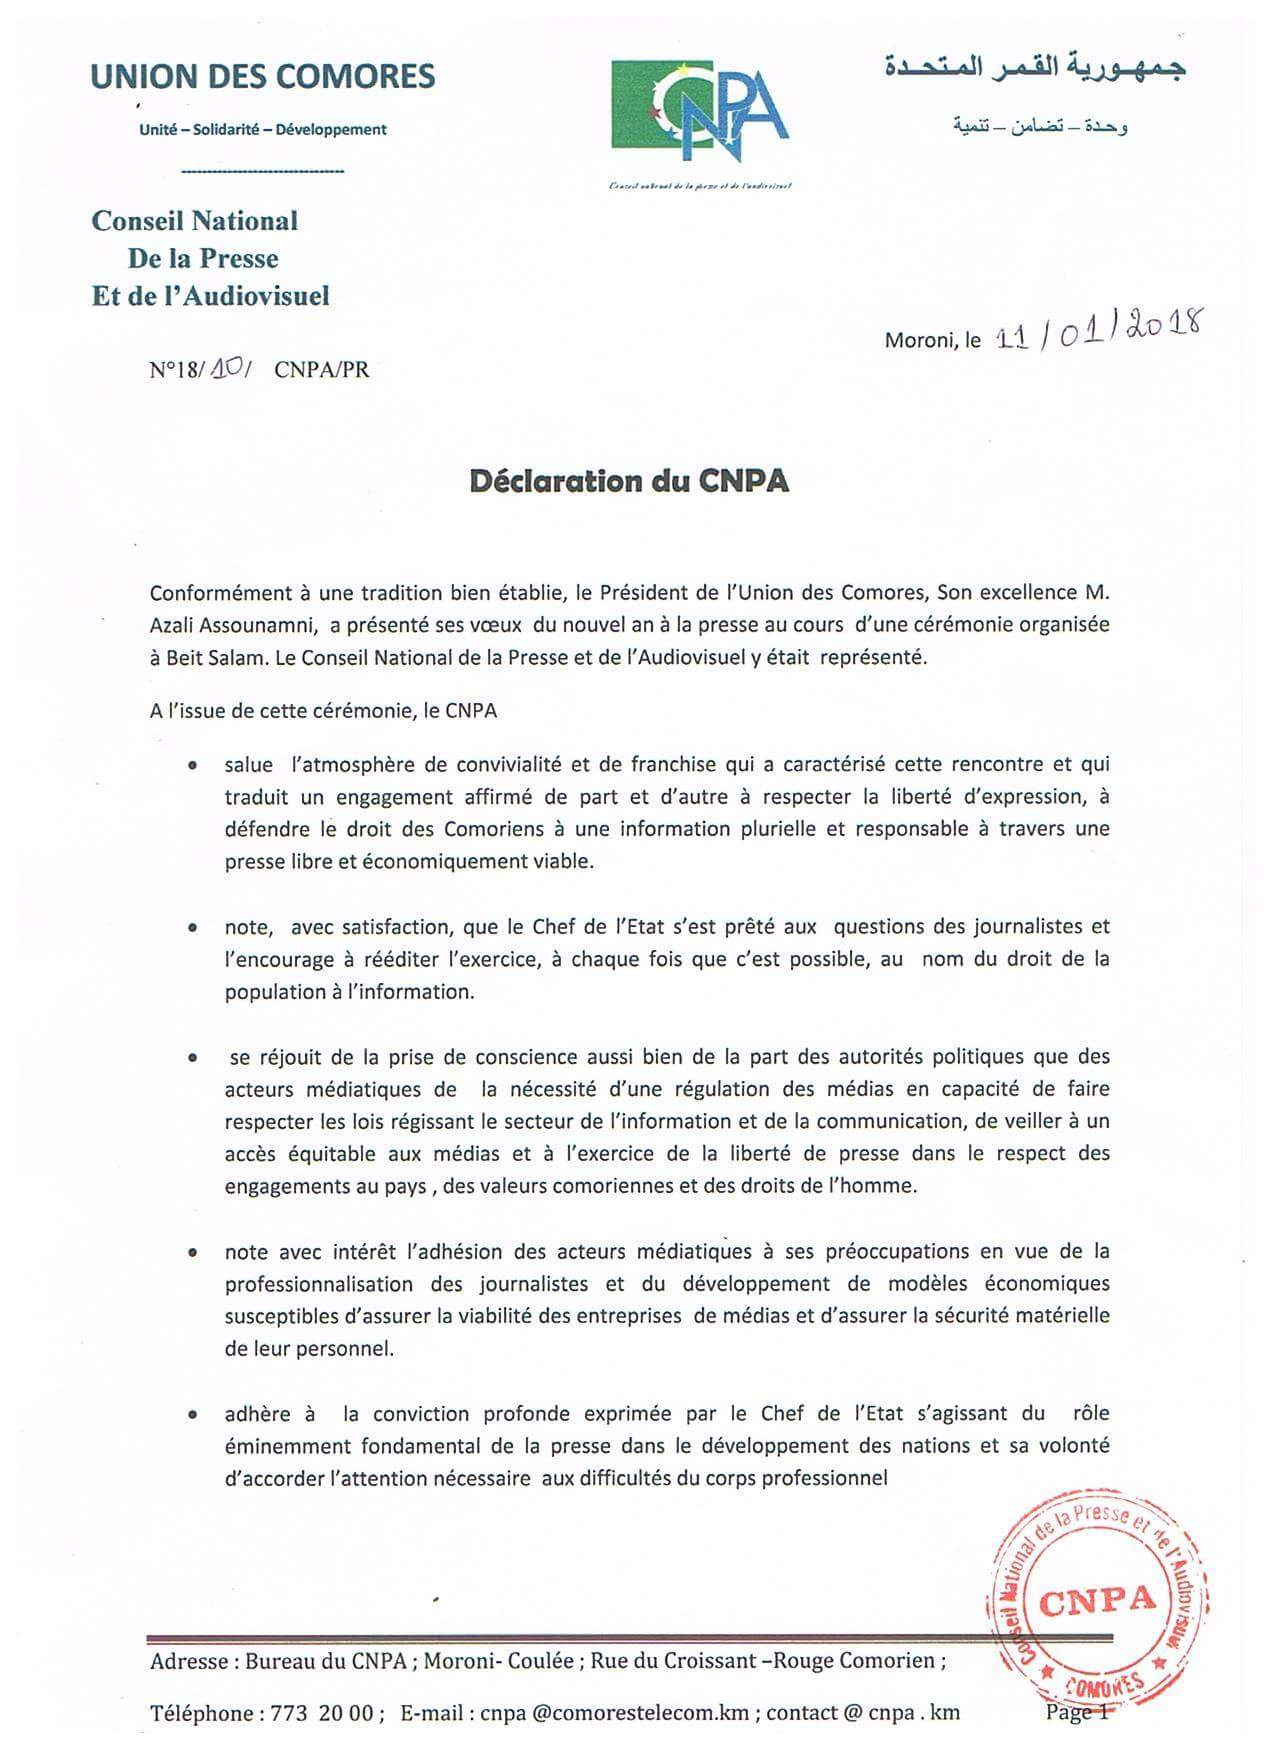 CNPA.jpg